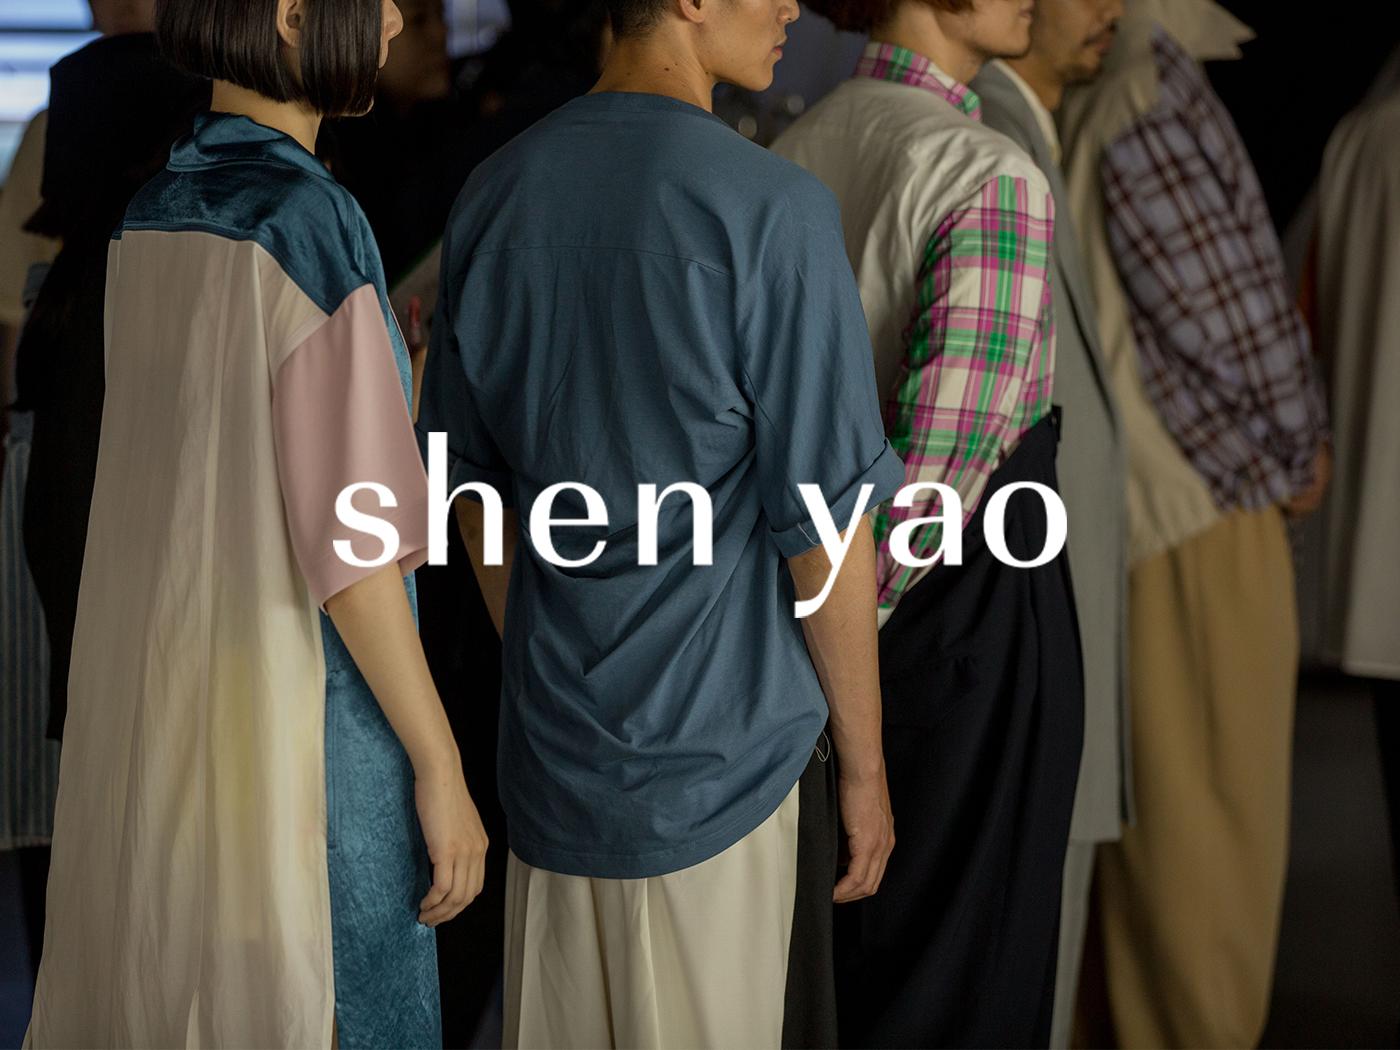 shen yao,shen yao設計師,shen yao 台灣,shen yao 台灣設計師,shen yao 設計師,